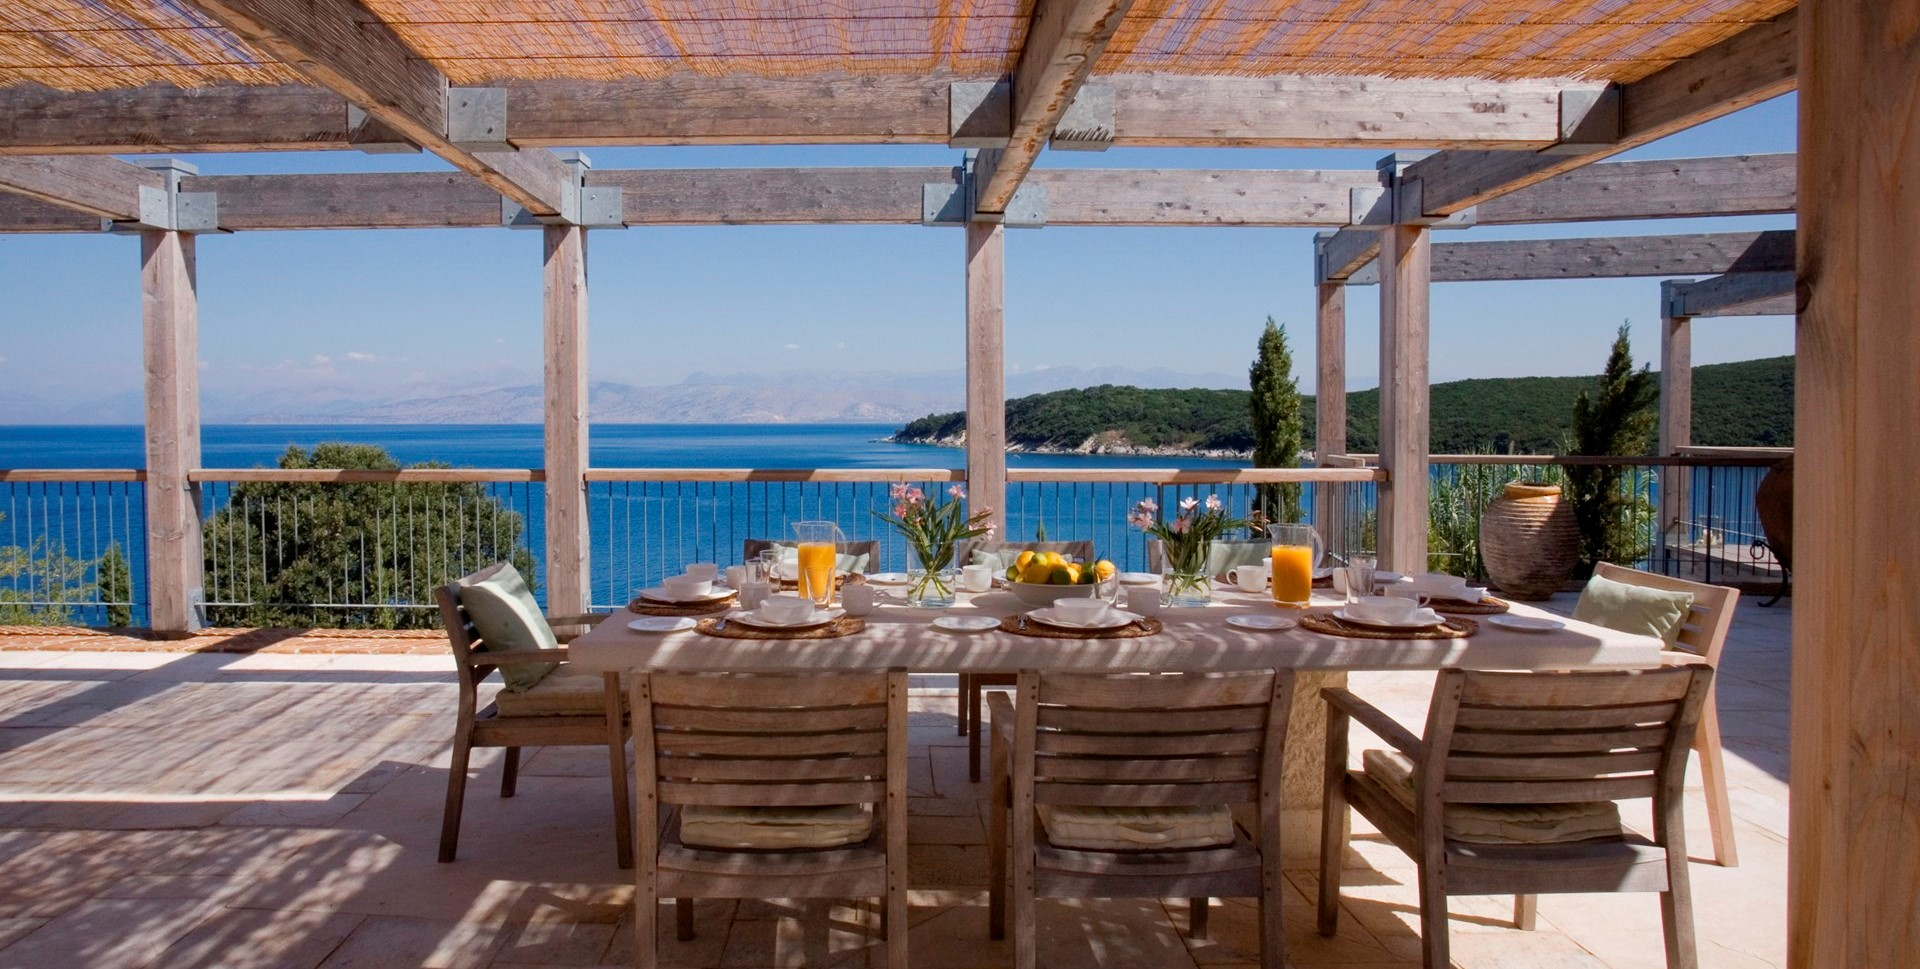 villa-amarea-al-fresco-dining